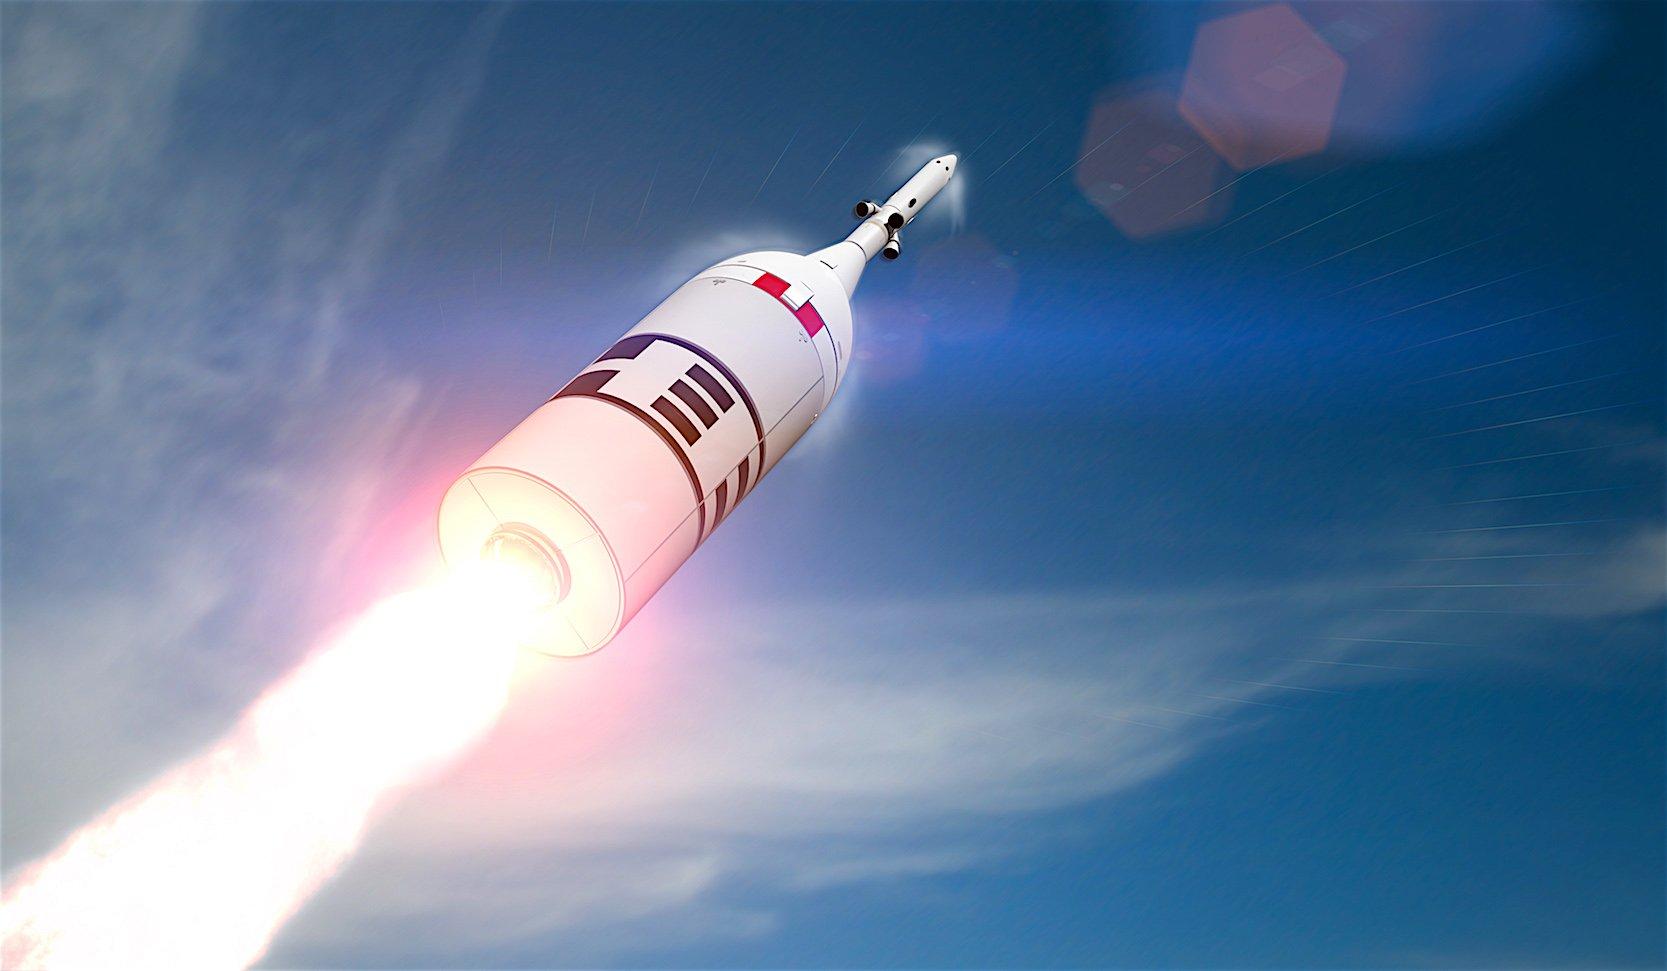 Die Nasa will die Orion-Raumkapsel im April 2019 einem Härtetest unterziehen. Sie wird an Bord sein, wenn dieSchwerlastrakete Space Launch System im Dezember 2019 abhebt und zum Mond fliegt.